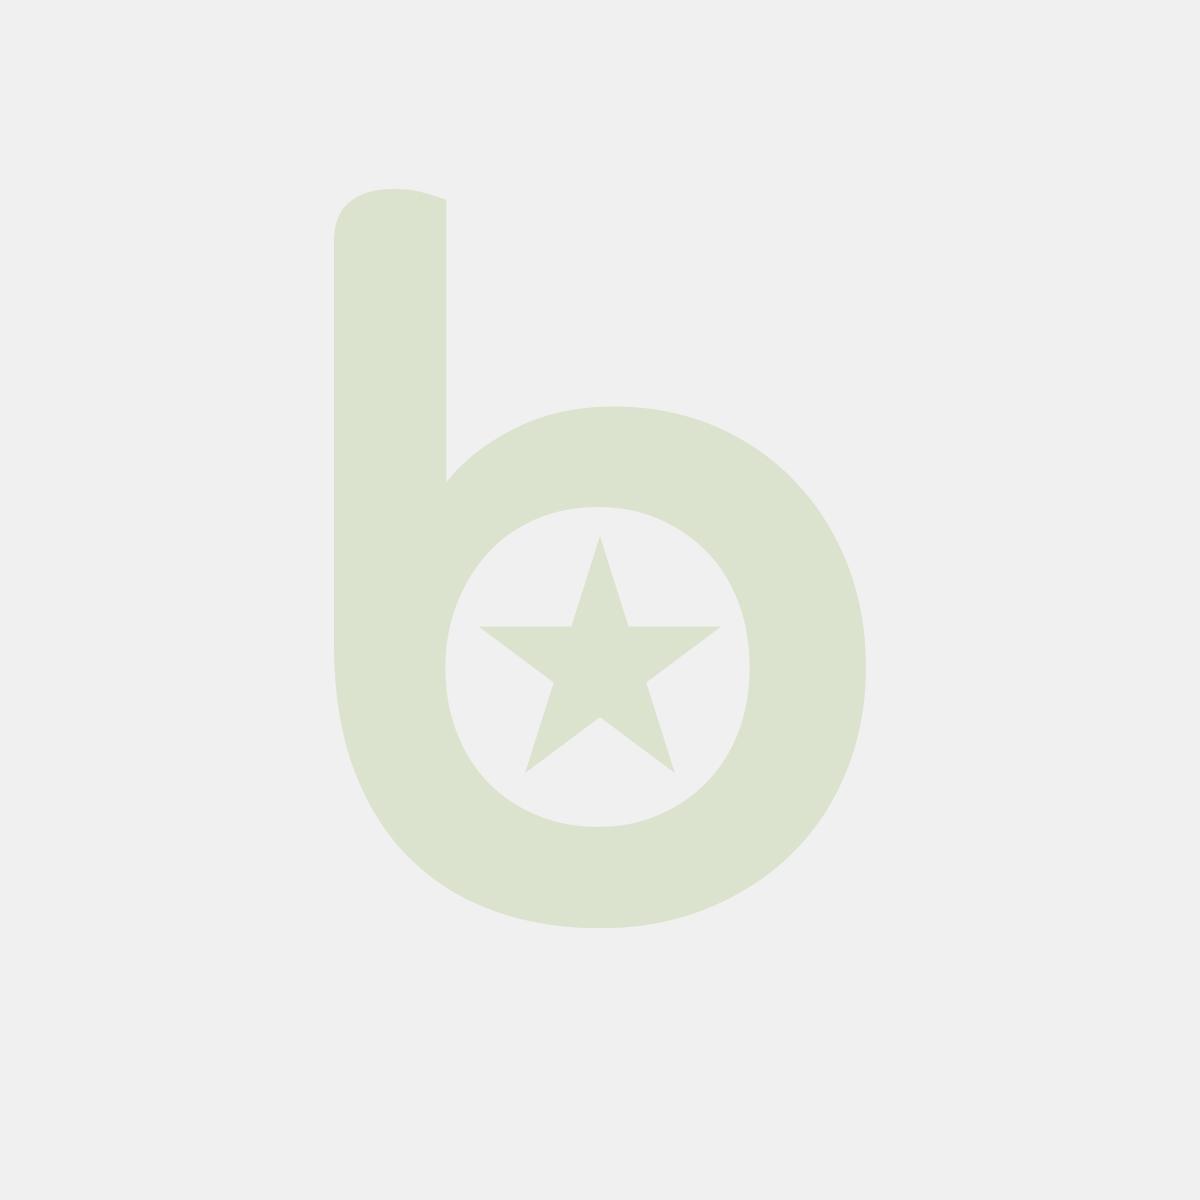 Naczynia z otrąb pszennych Biotrem